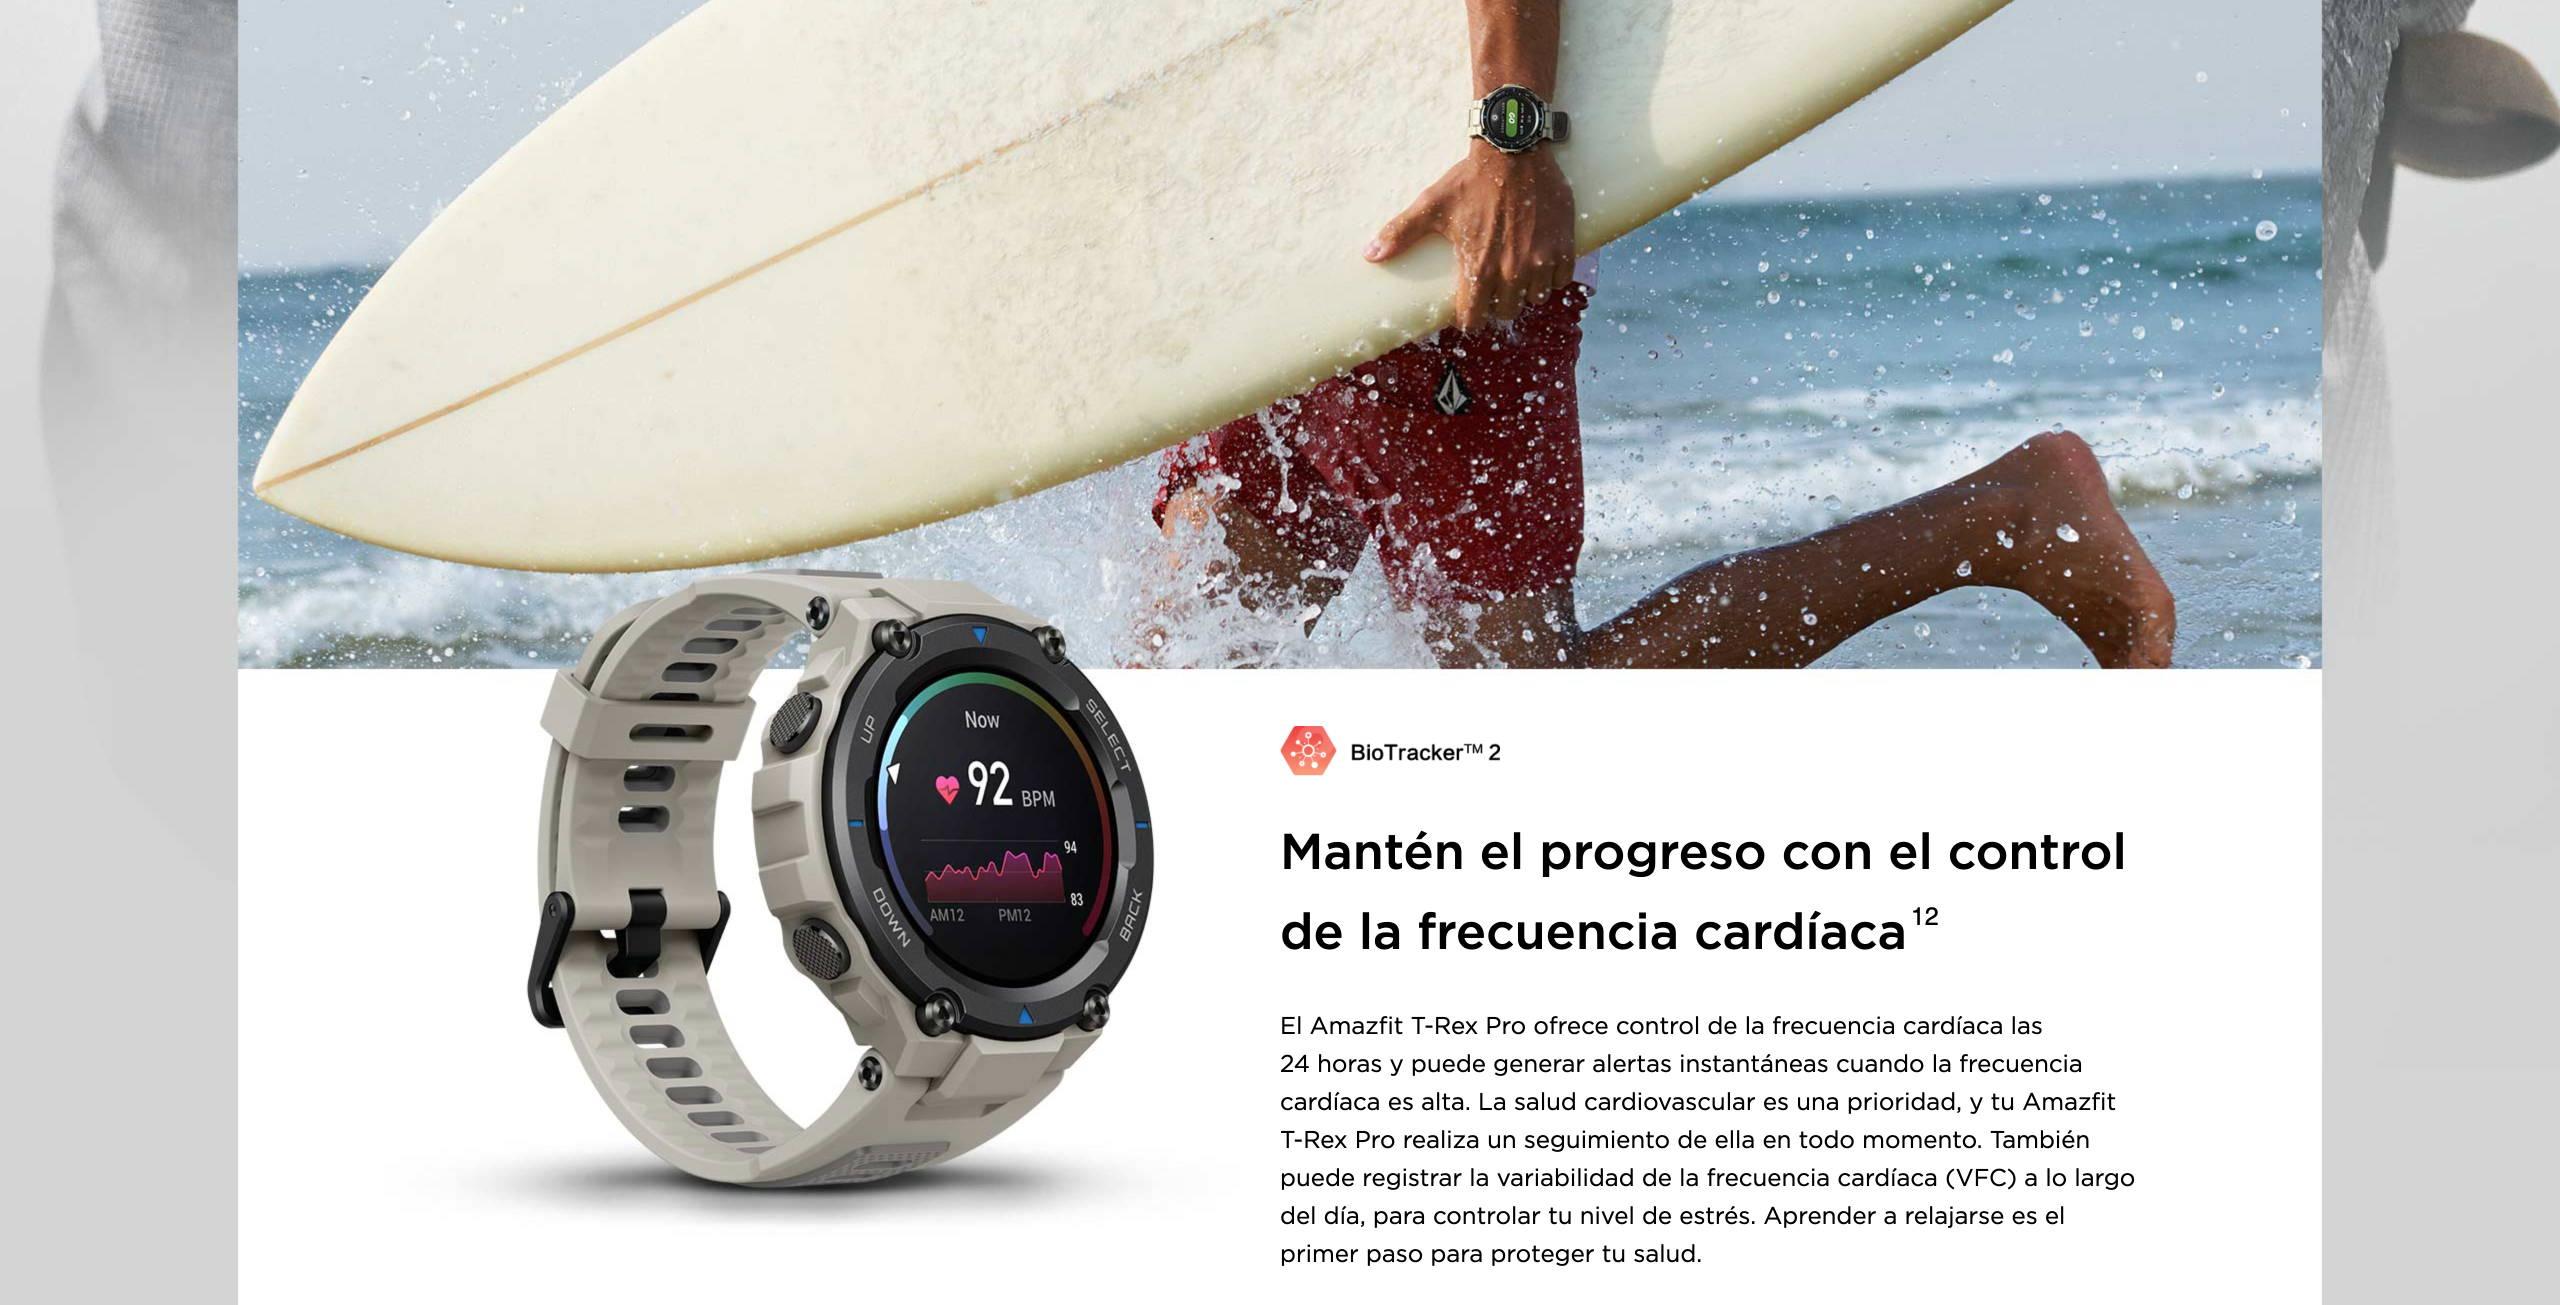 Amazfit T-Rex Pro - Mantén el progreso con el control de la frecuencia cardíaca